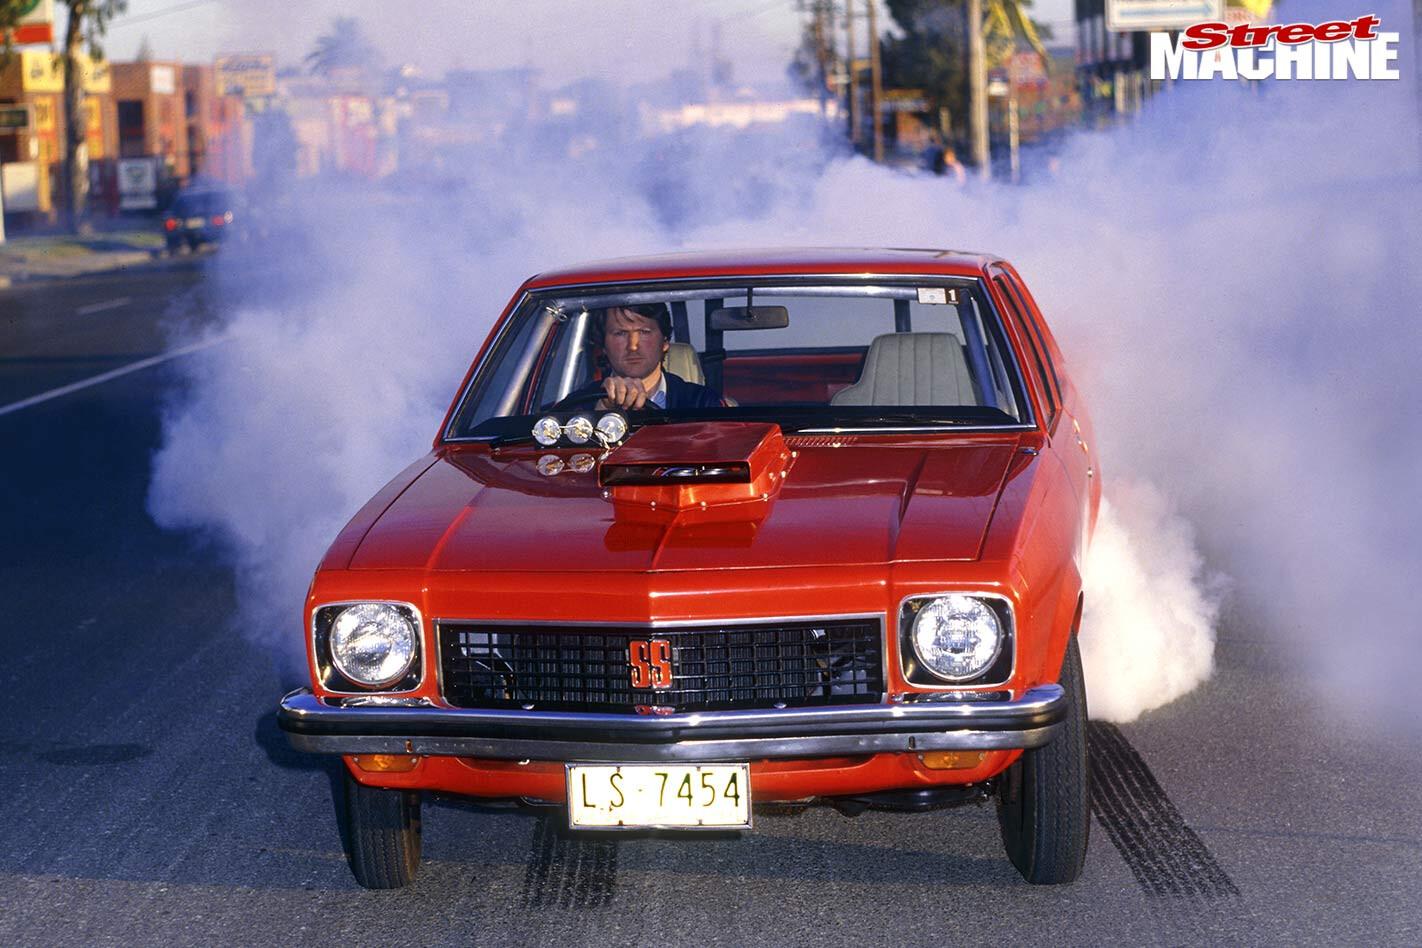 Holden Torana A9X burnout